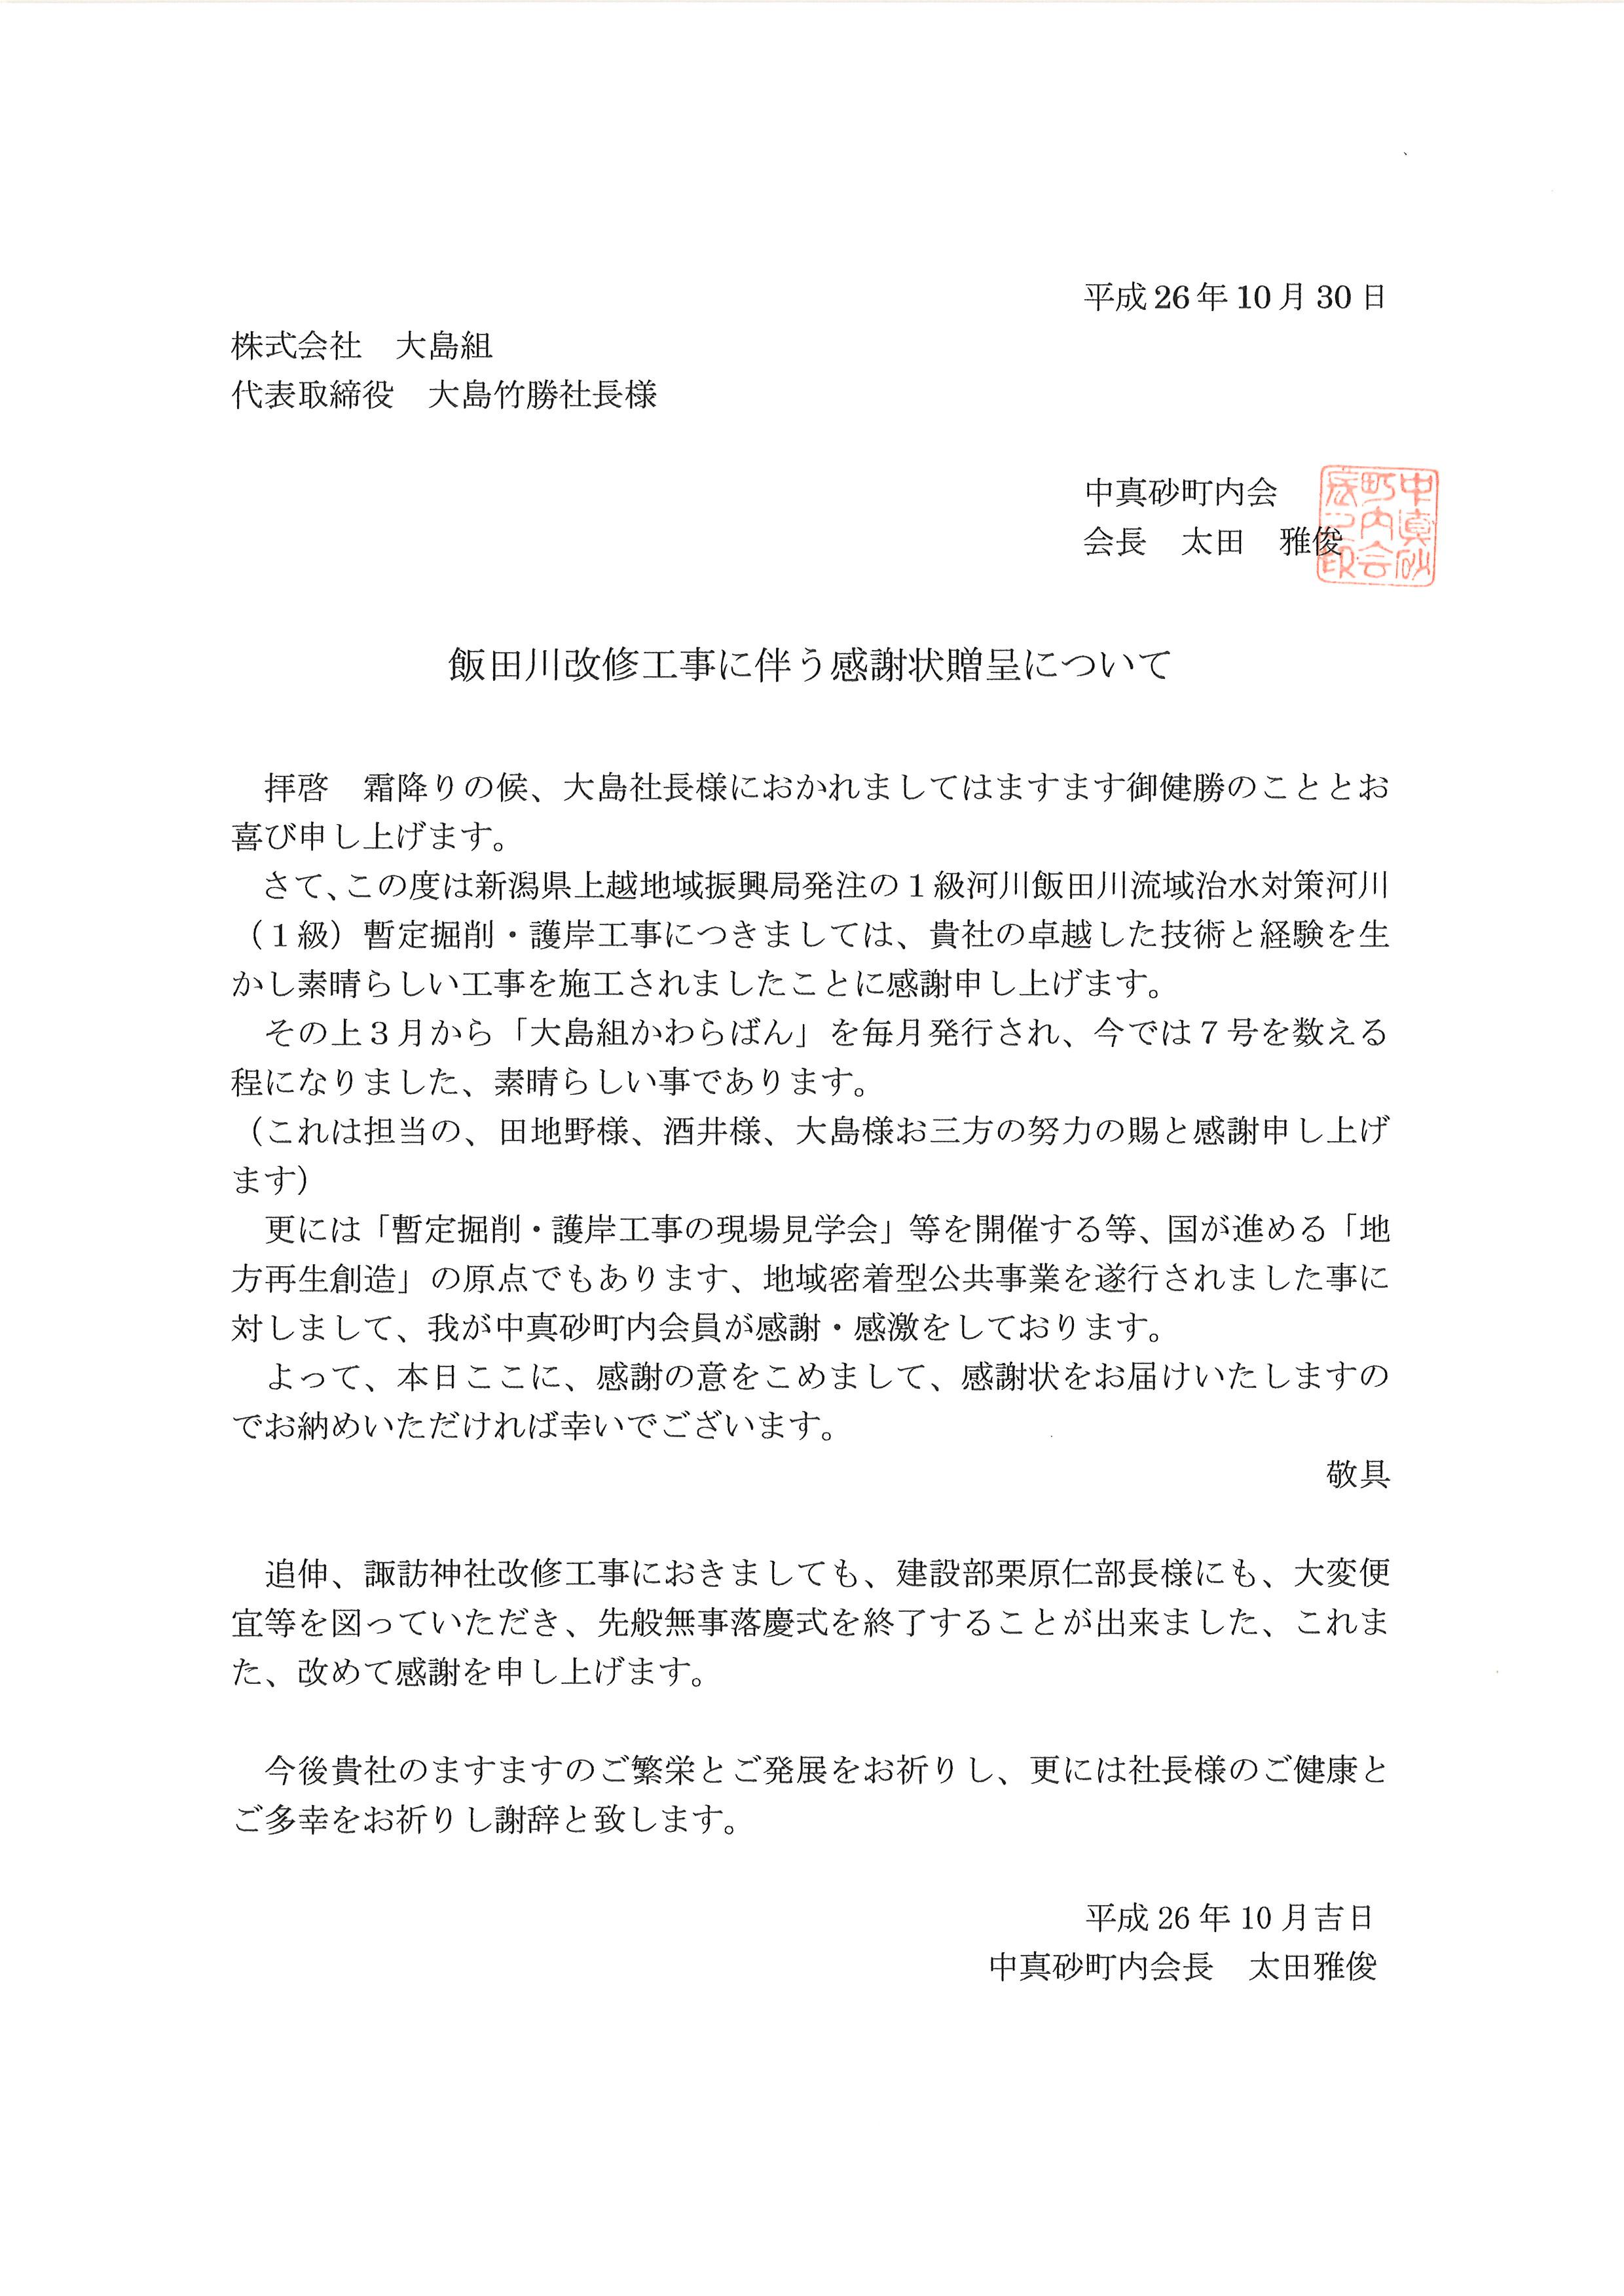 飯田川感謝状2